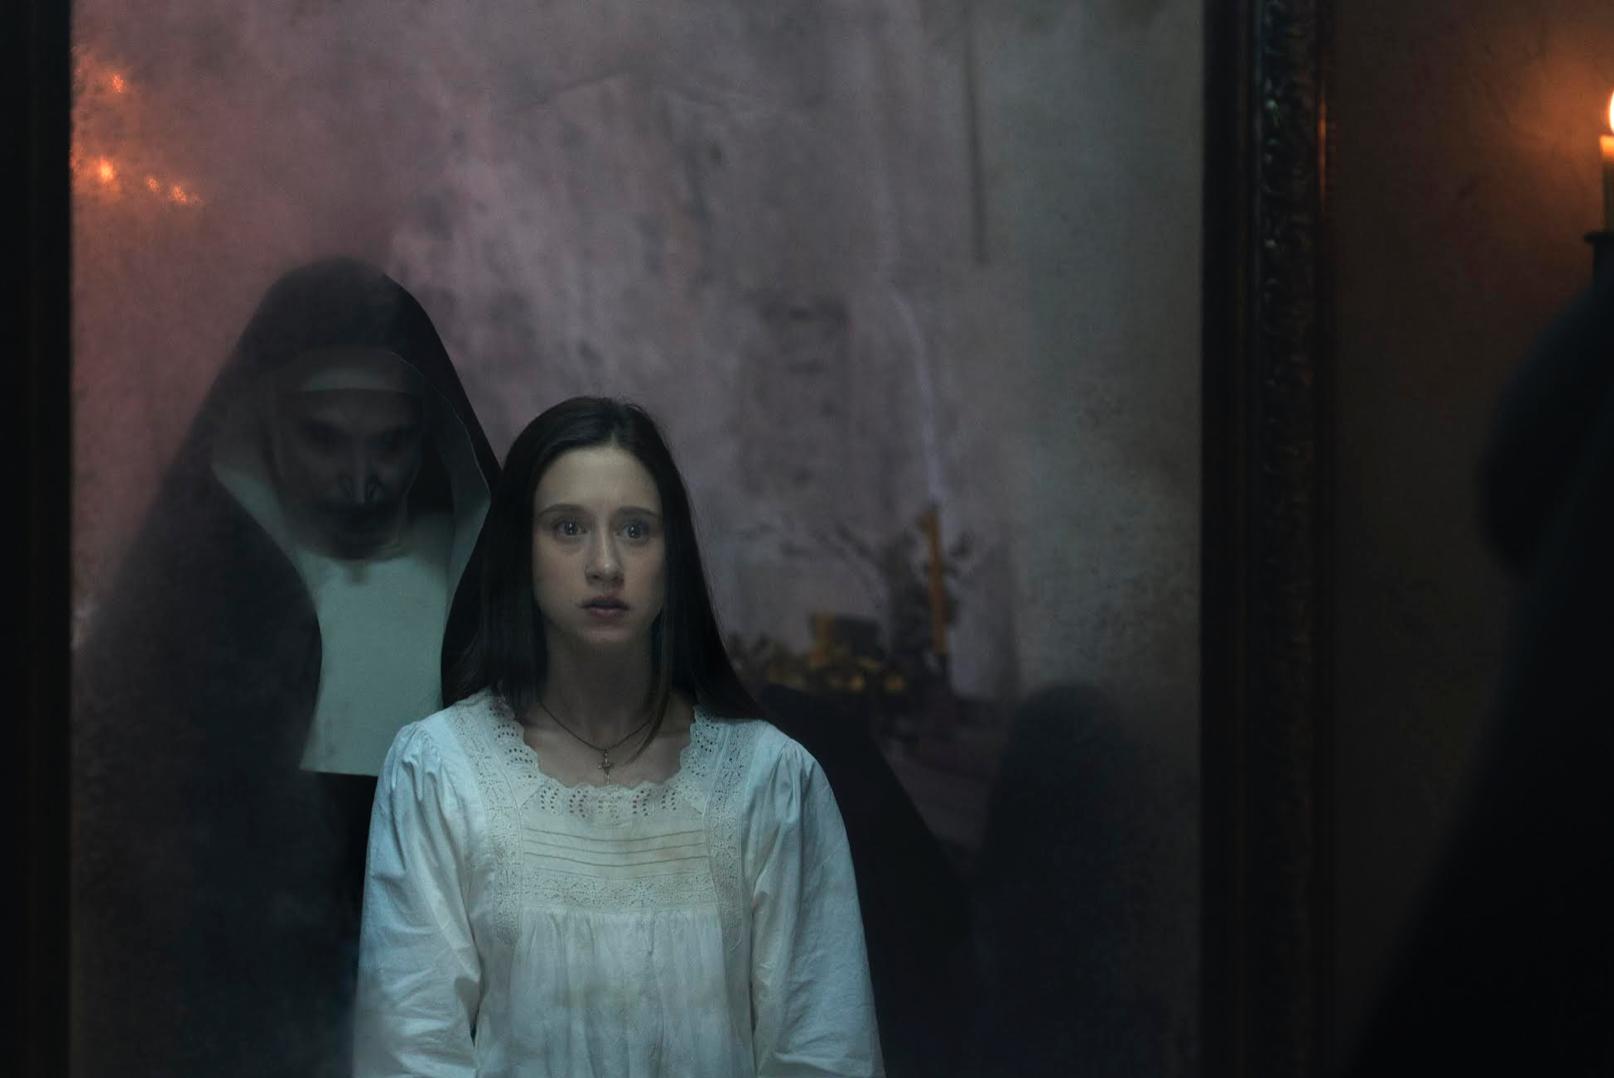 電影設定於一九五二年的羅馬尼亞,見習修女艾蓮(右,泰莎法米嘉飾)慘成詭修女(邦妮亞朗絲飾)的對付目標。